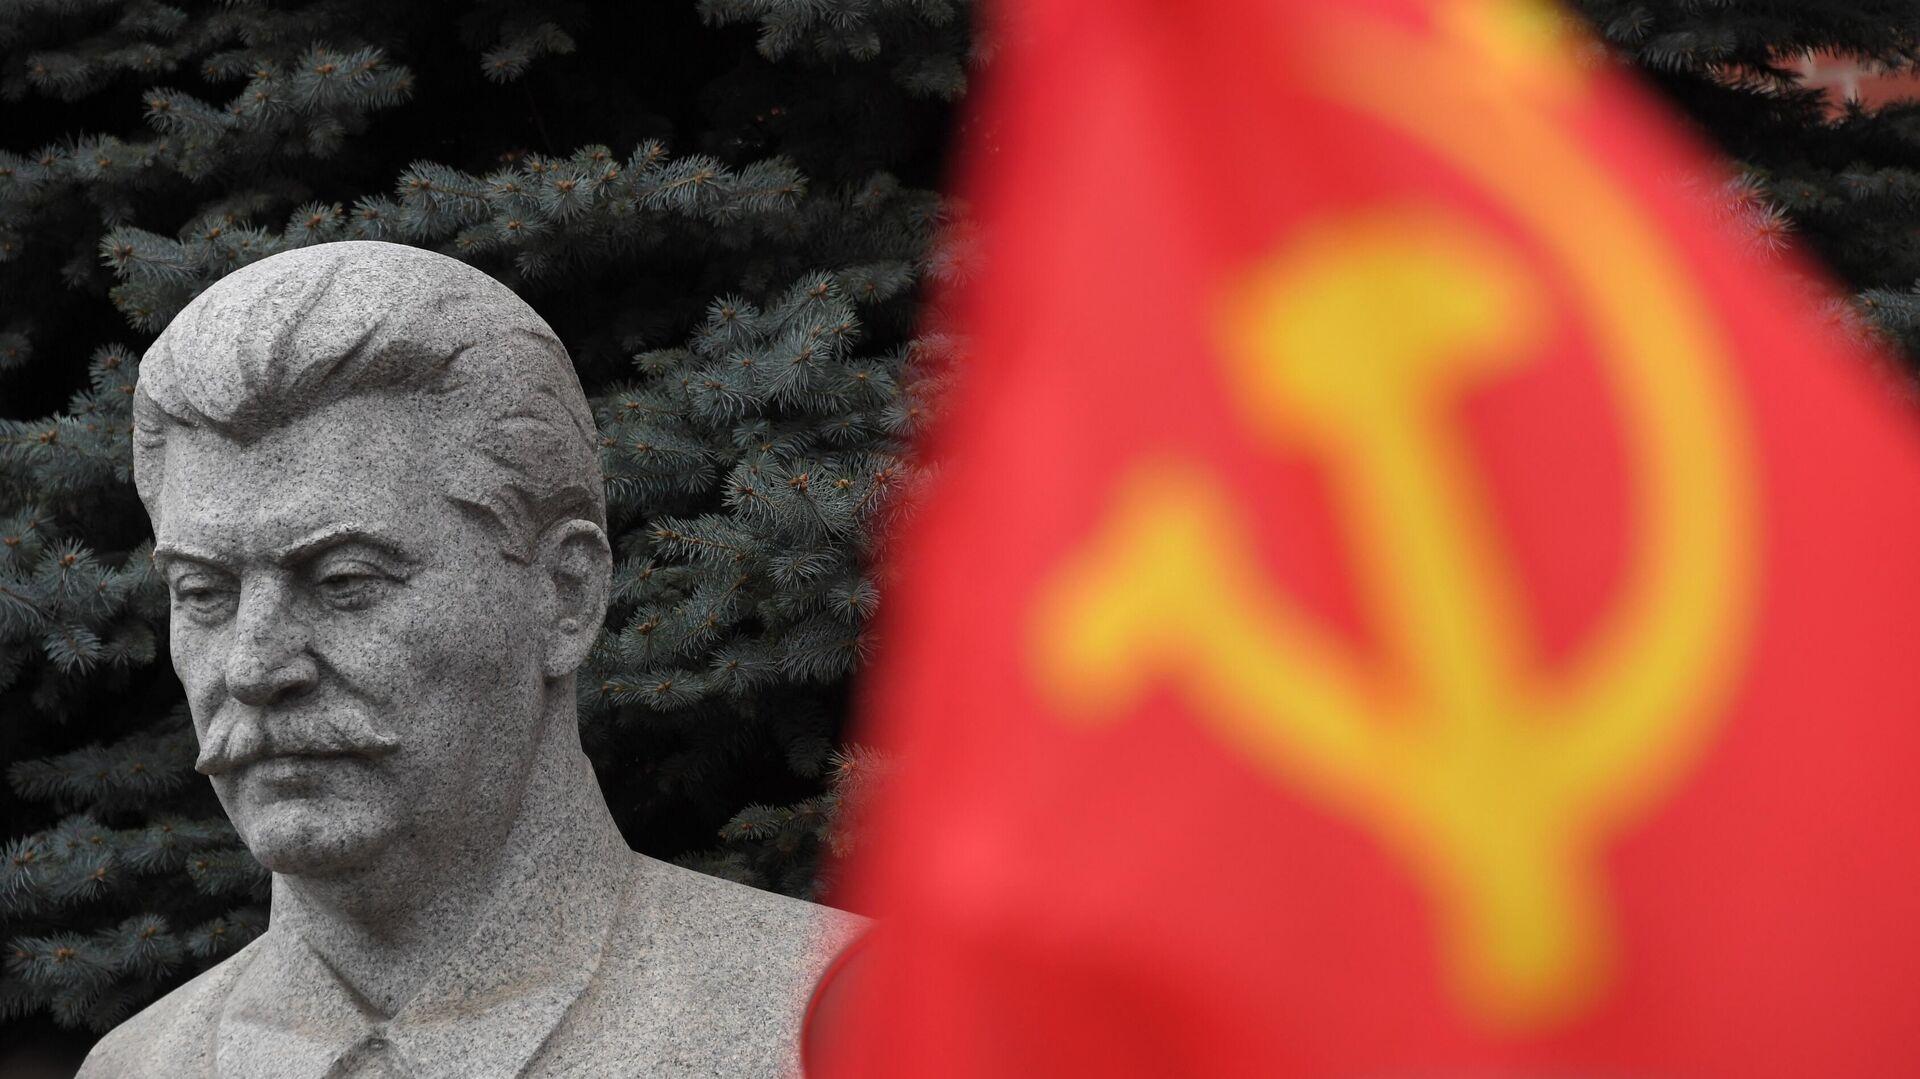 Бюст И. В. Сталина на могиле у Кремлевской стены в Москве - РИА Новости, 1920, 11.09.2020